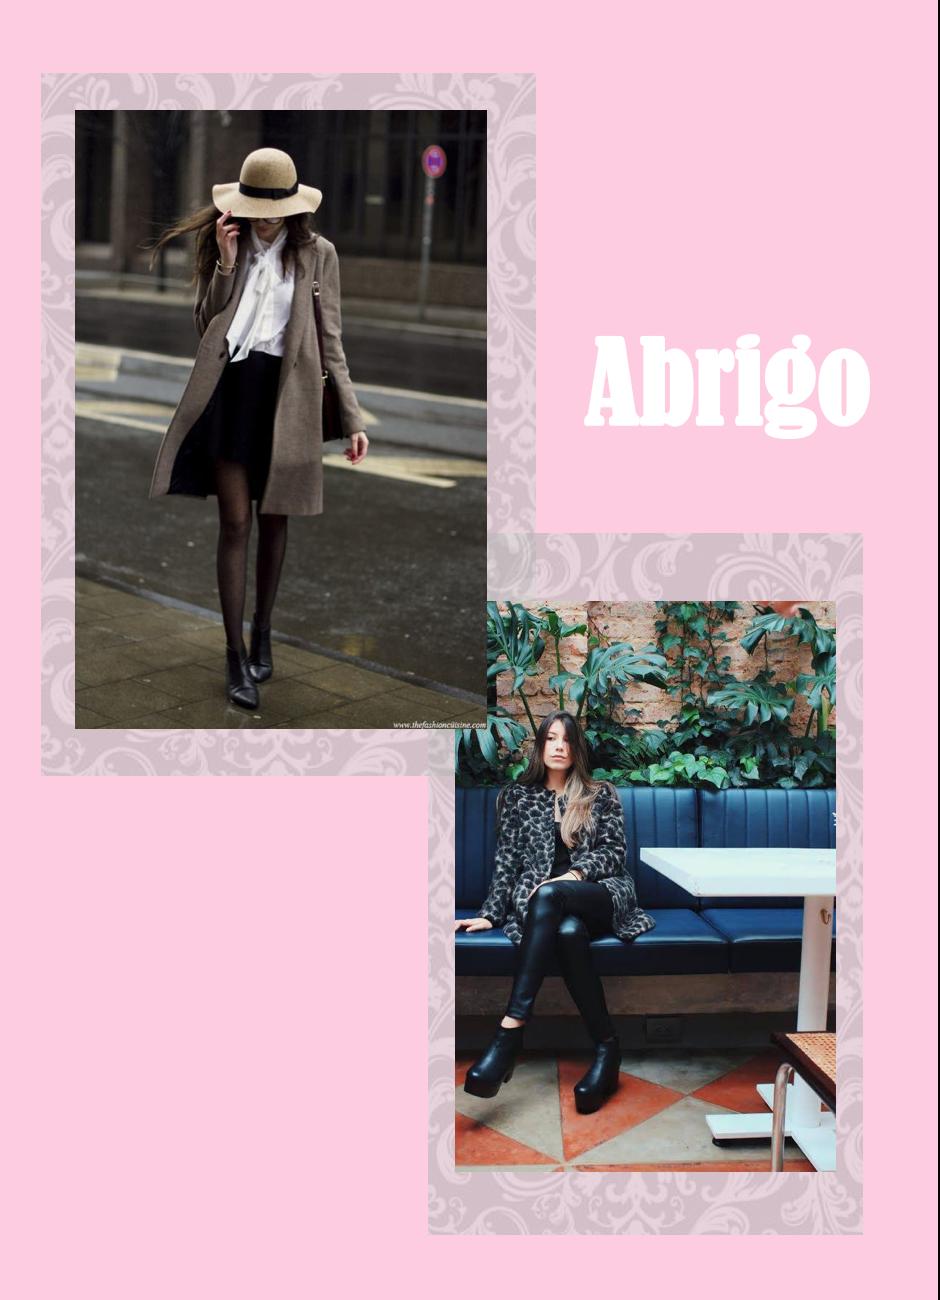 abrigo.png